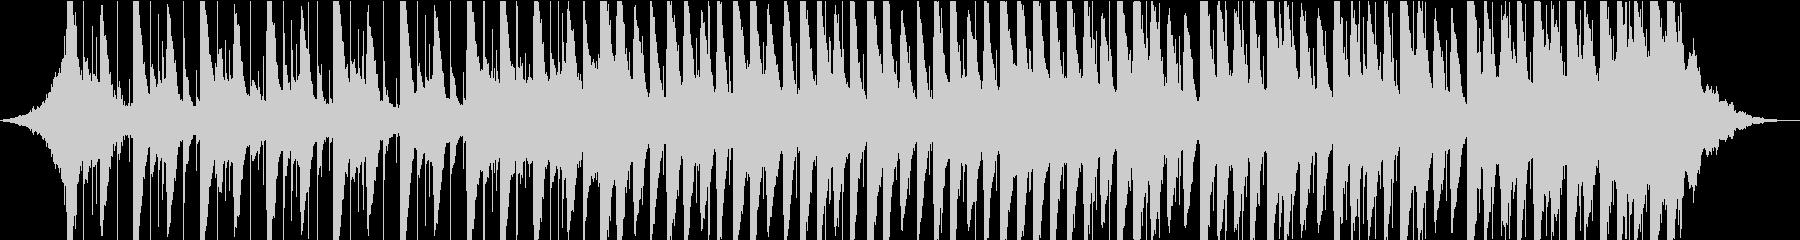 ポップ テクノ 代替案 ロック ア...の未再生の波形